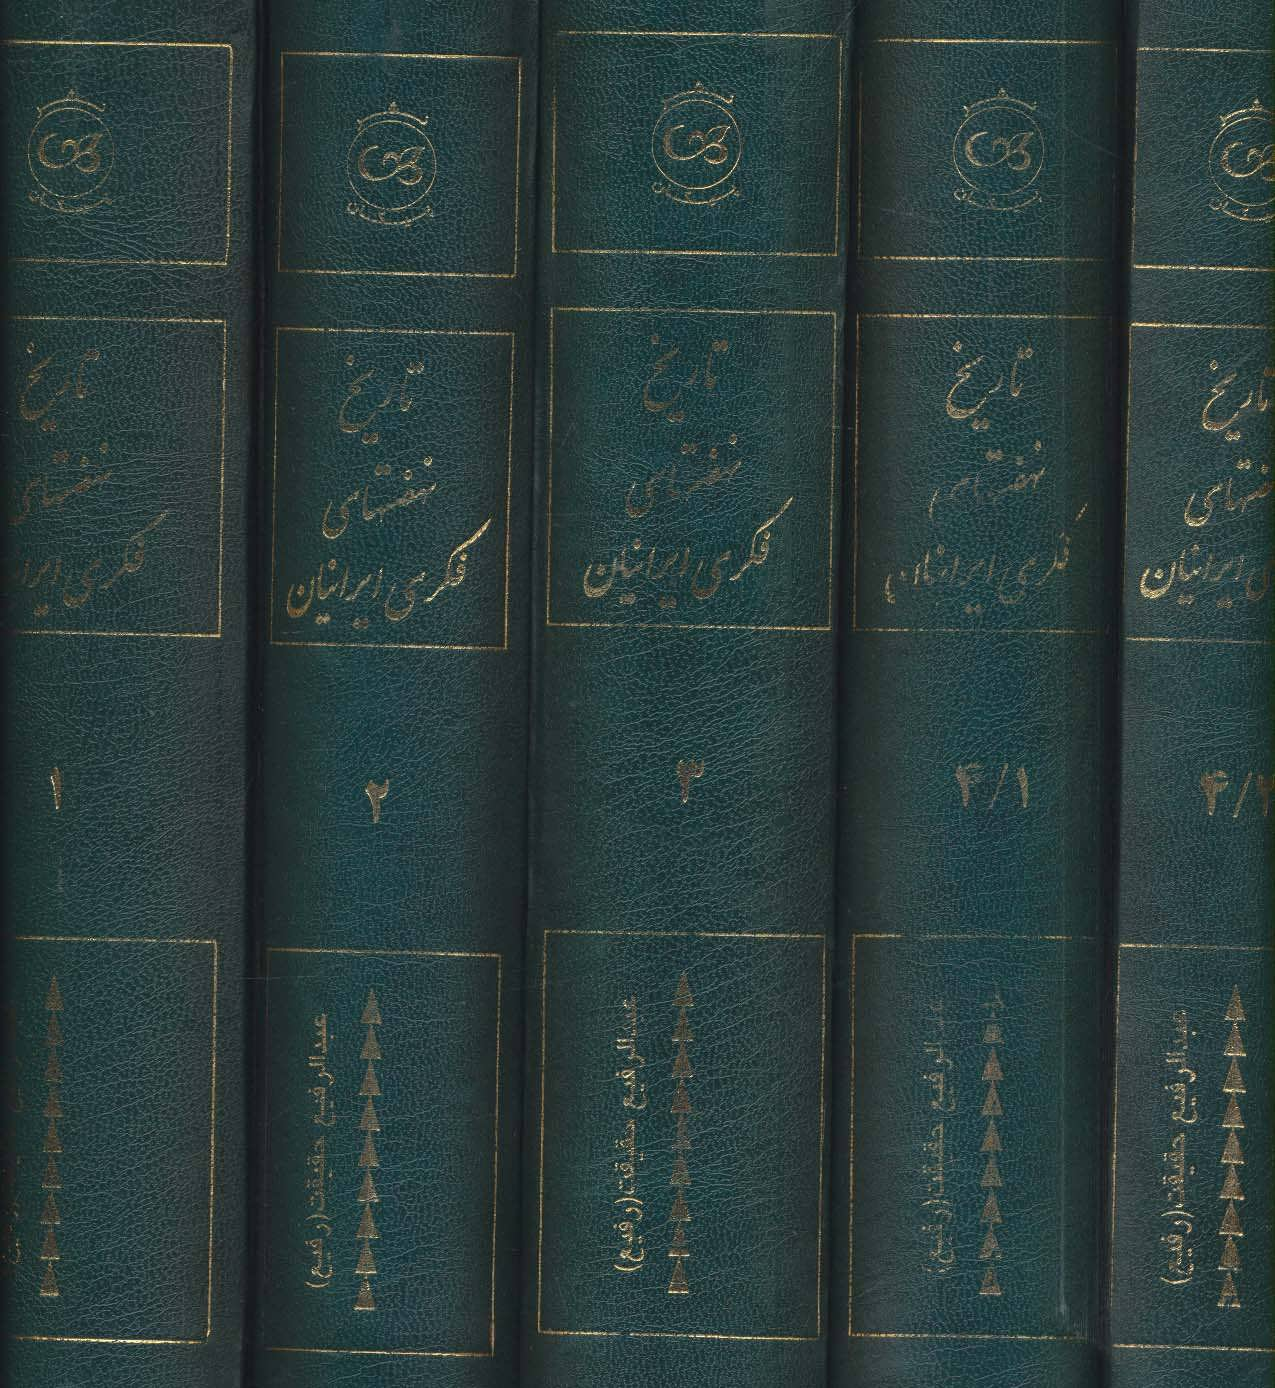 تاريخ نهضتهاي فكري ايرانيان (5جلدي)